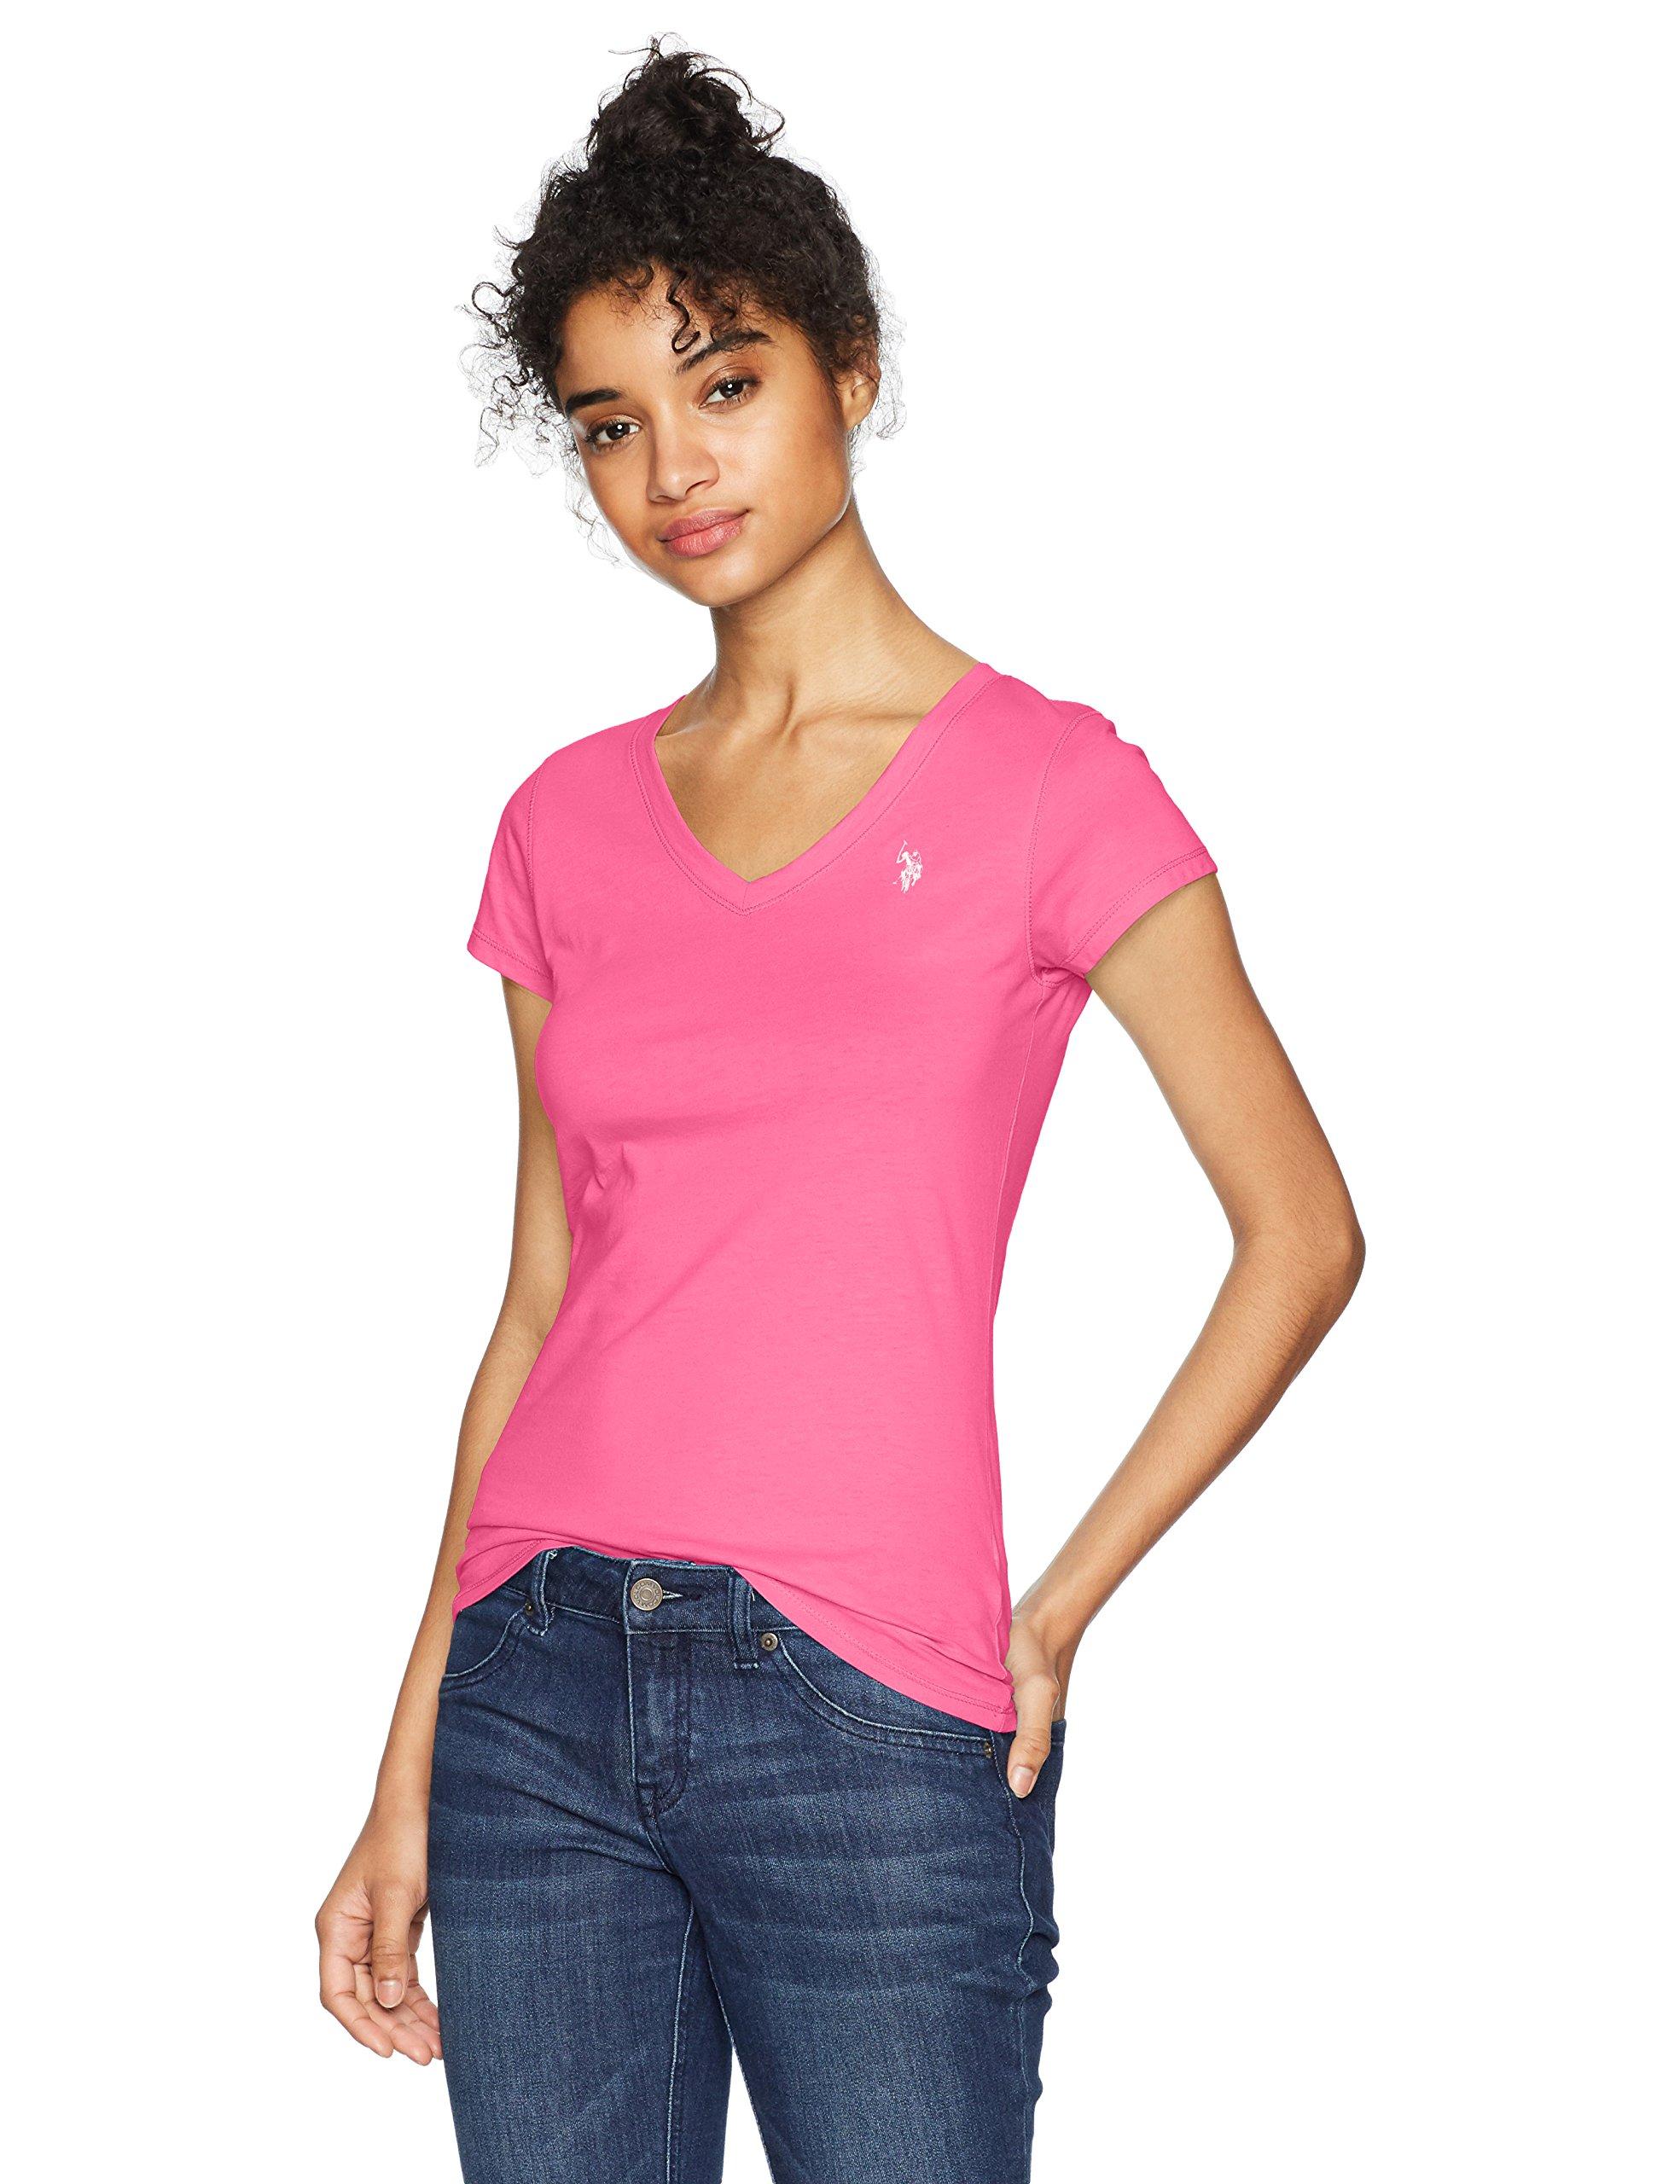 US Polo Assn Women's Short Sleeve V-Neck T-Shirt, Pink Oleander-Bmkm, XL